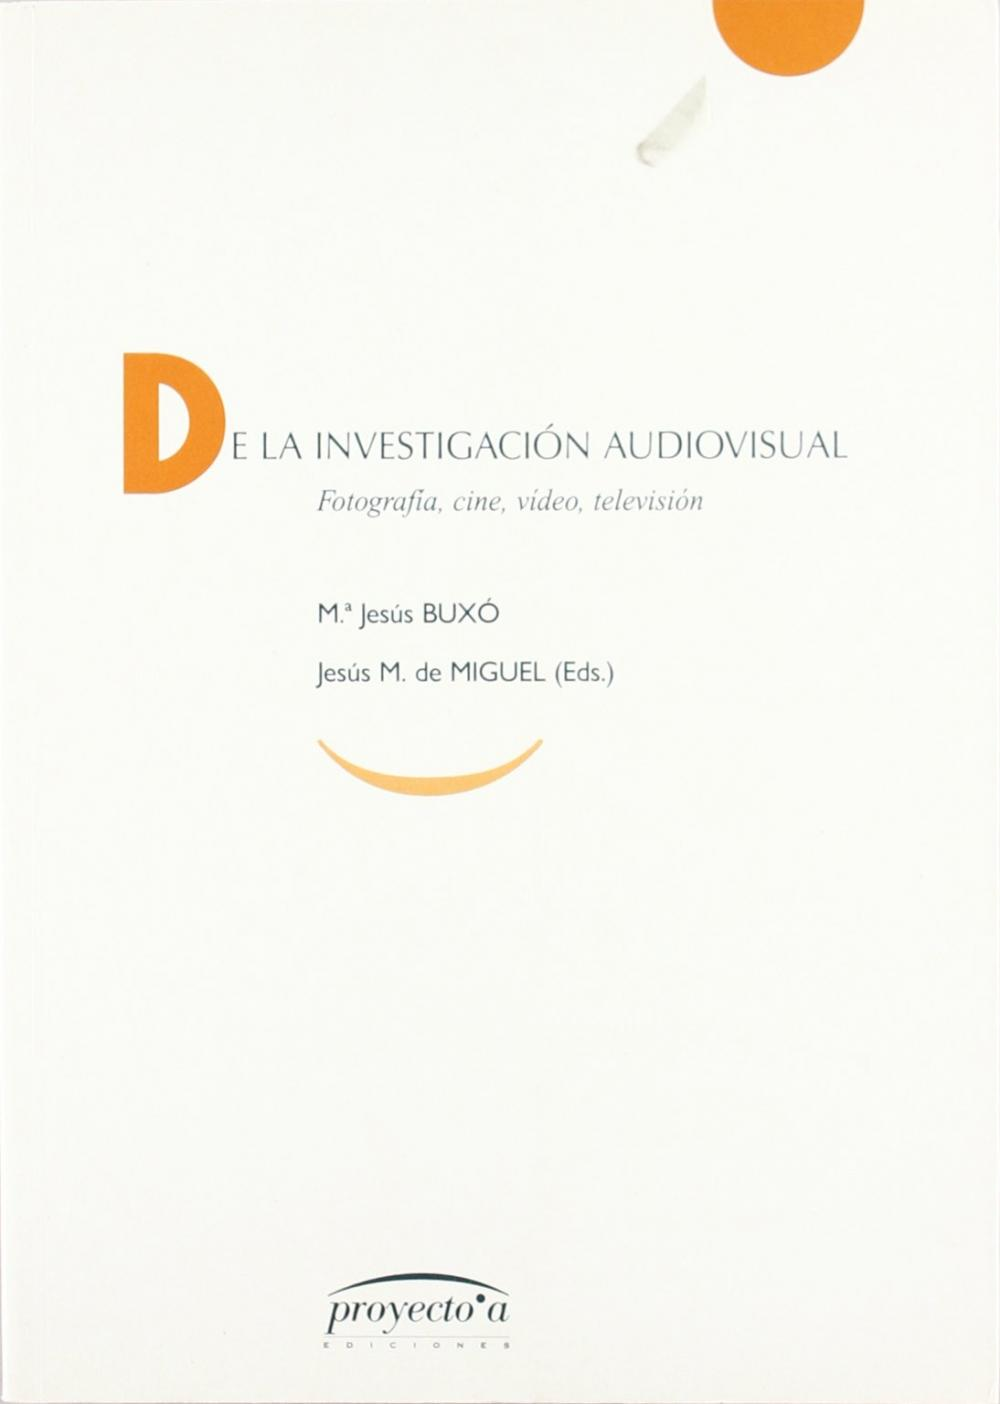 DE LA INVESTIGACIÓN AUDIOVISUAL : FOTOGRAFÍA, CINE, VÍDEO, TELEVISIÓN